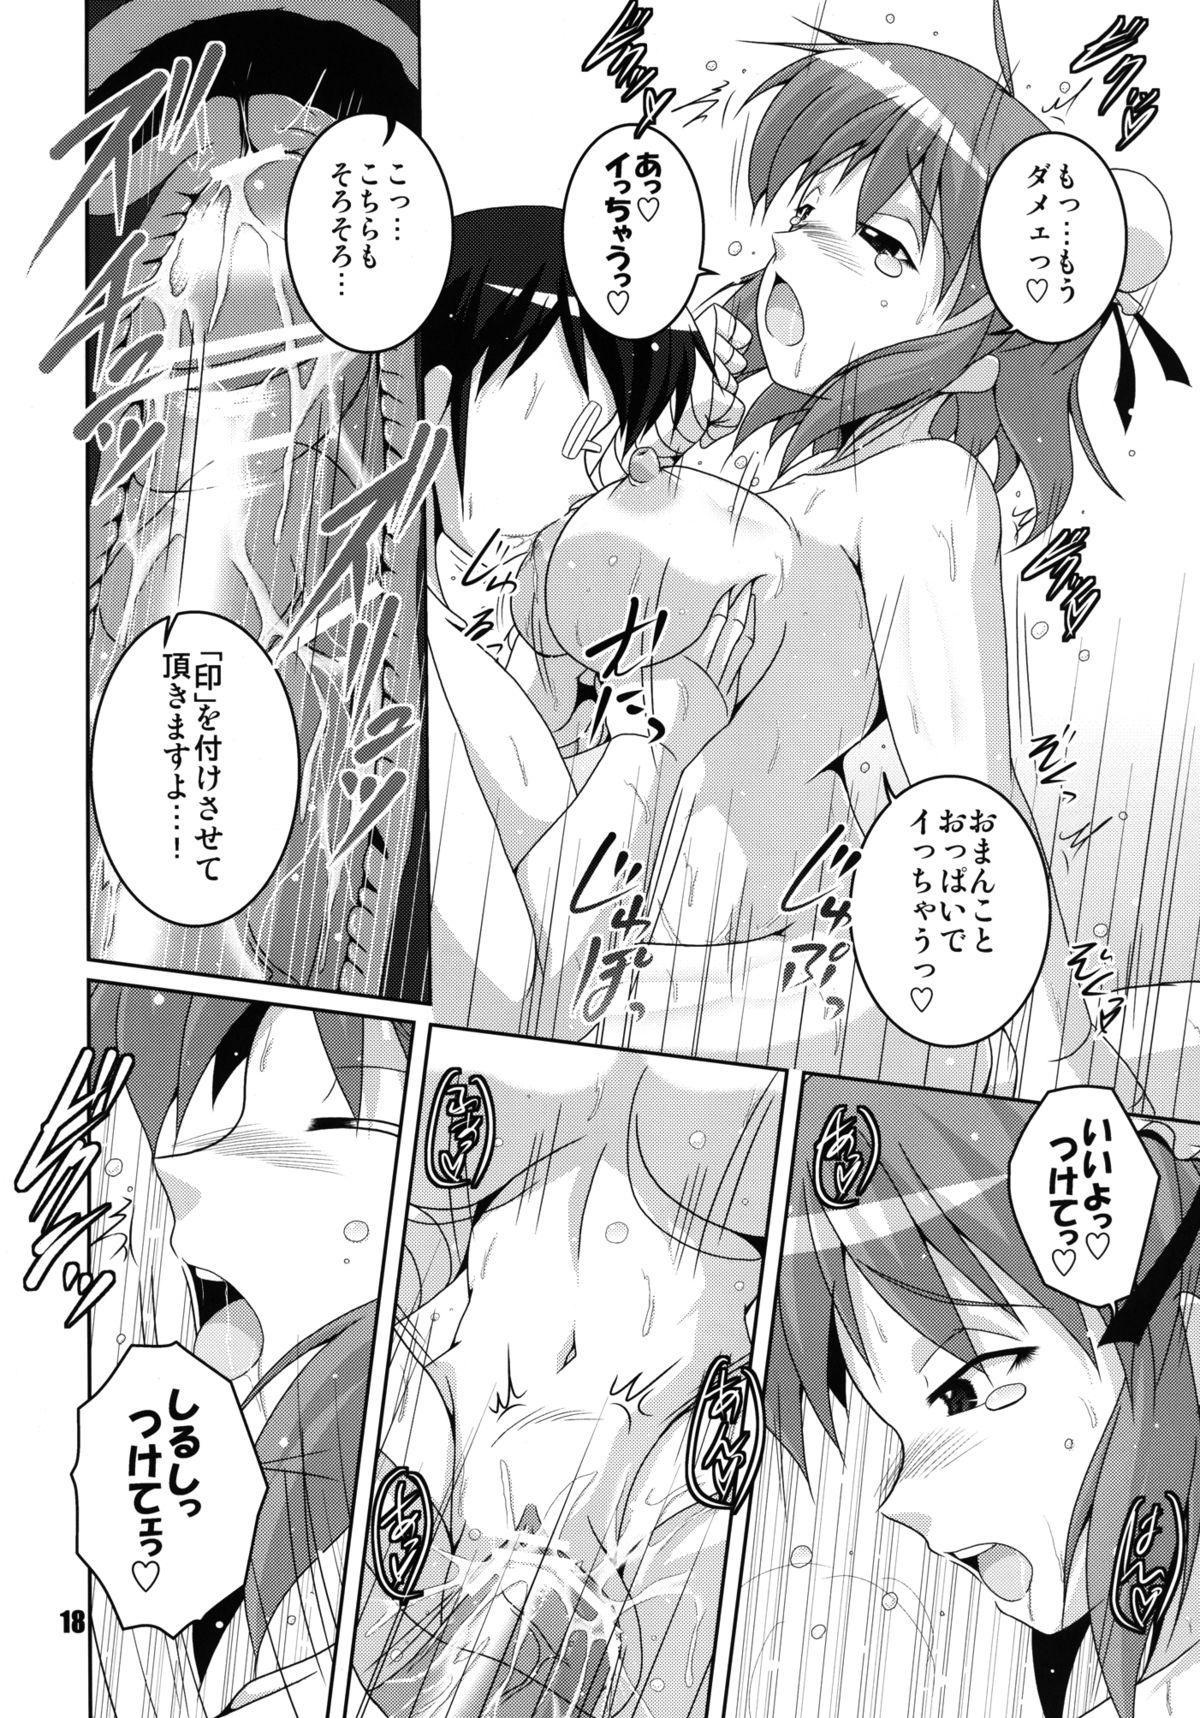 Kataude Sennin Saisun Shimasho! 17